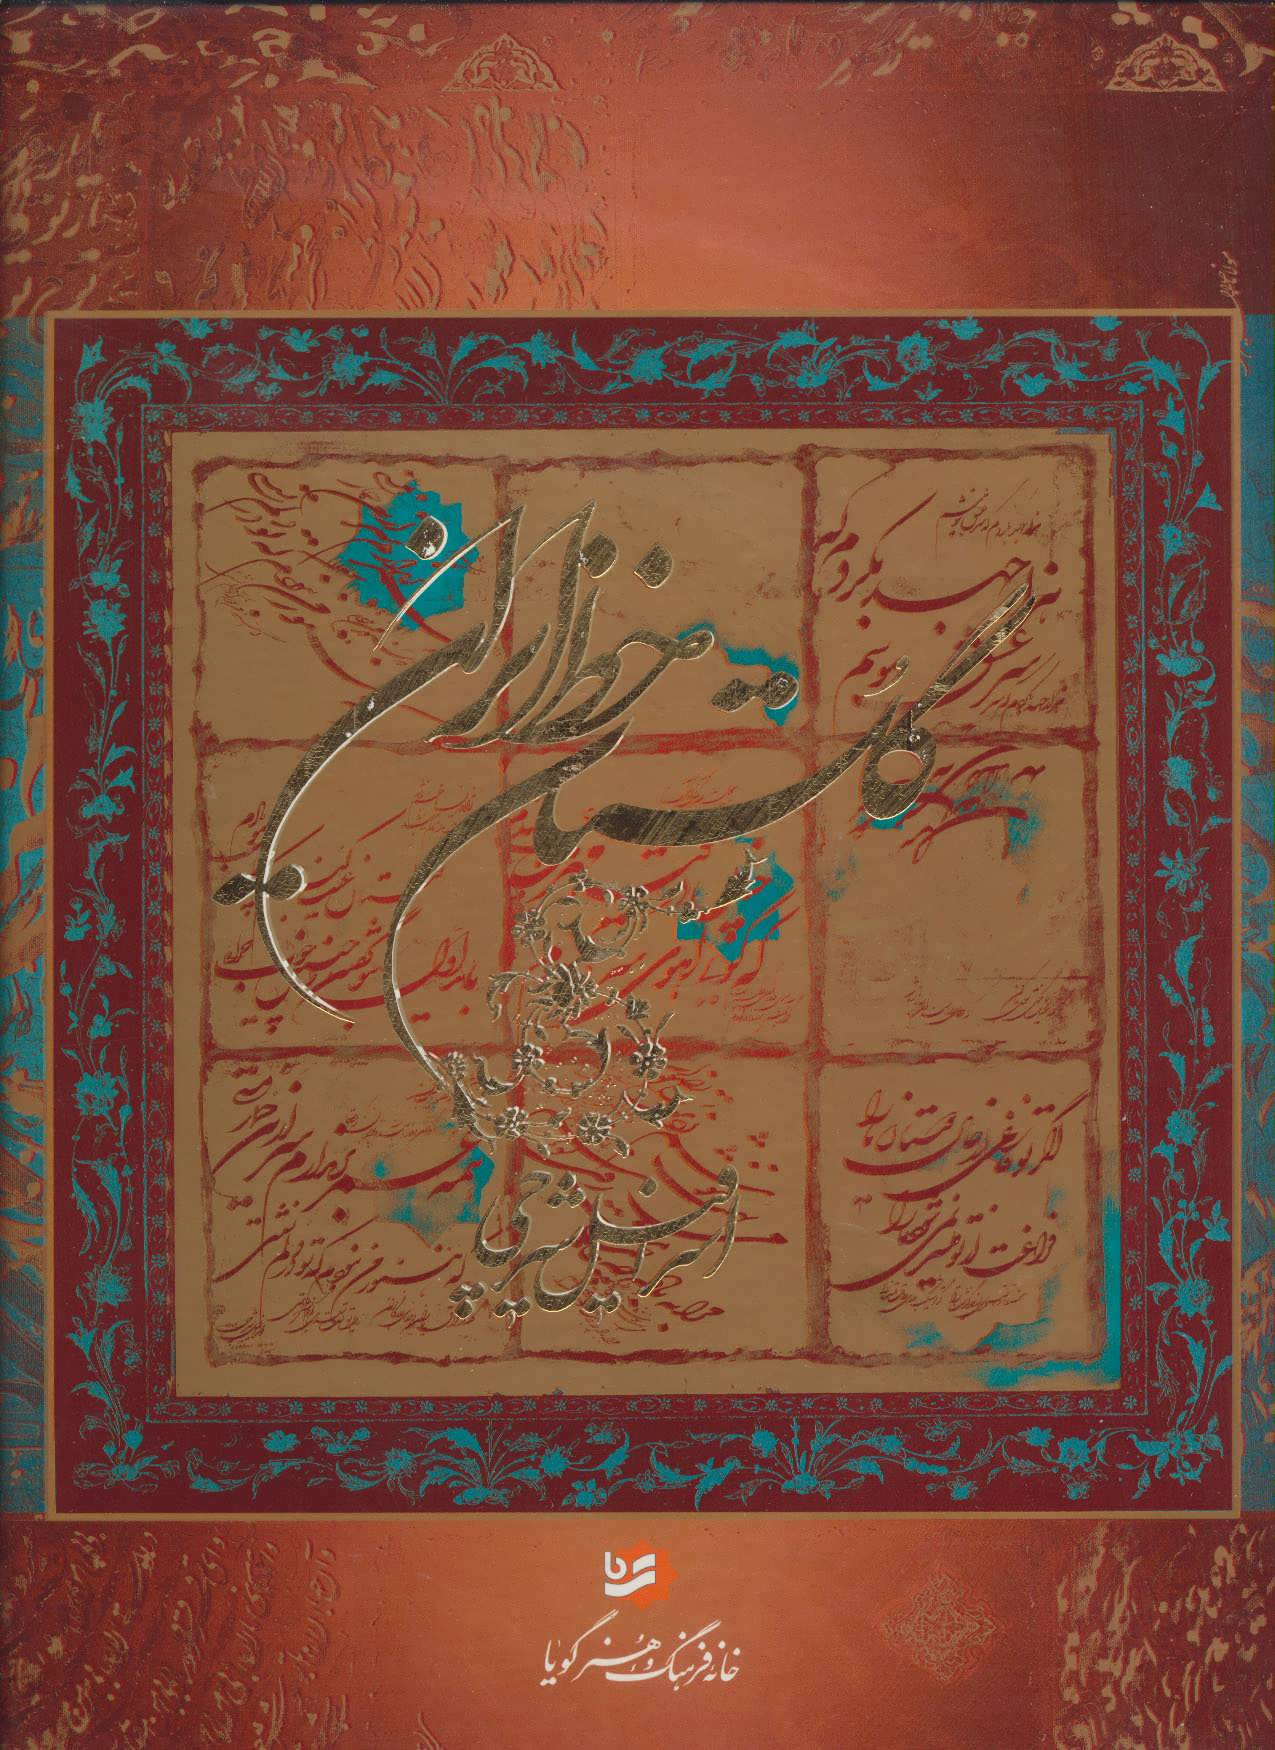 گلستان خط ایران (گلاسه،باقاب)